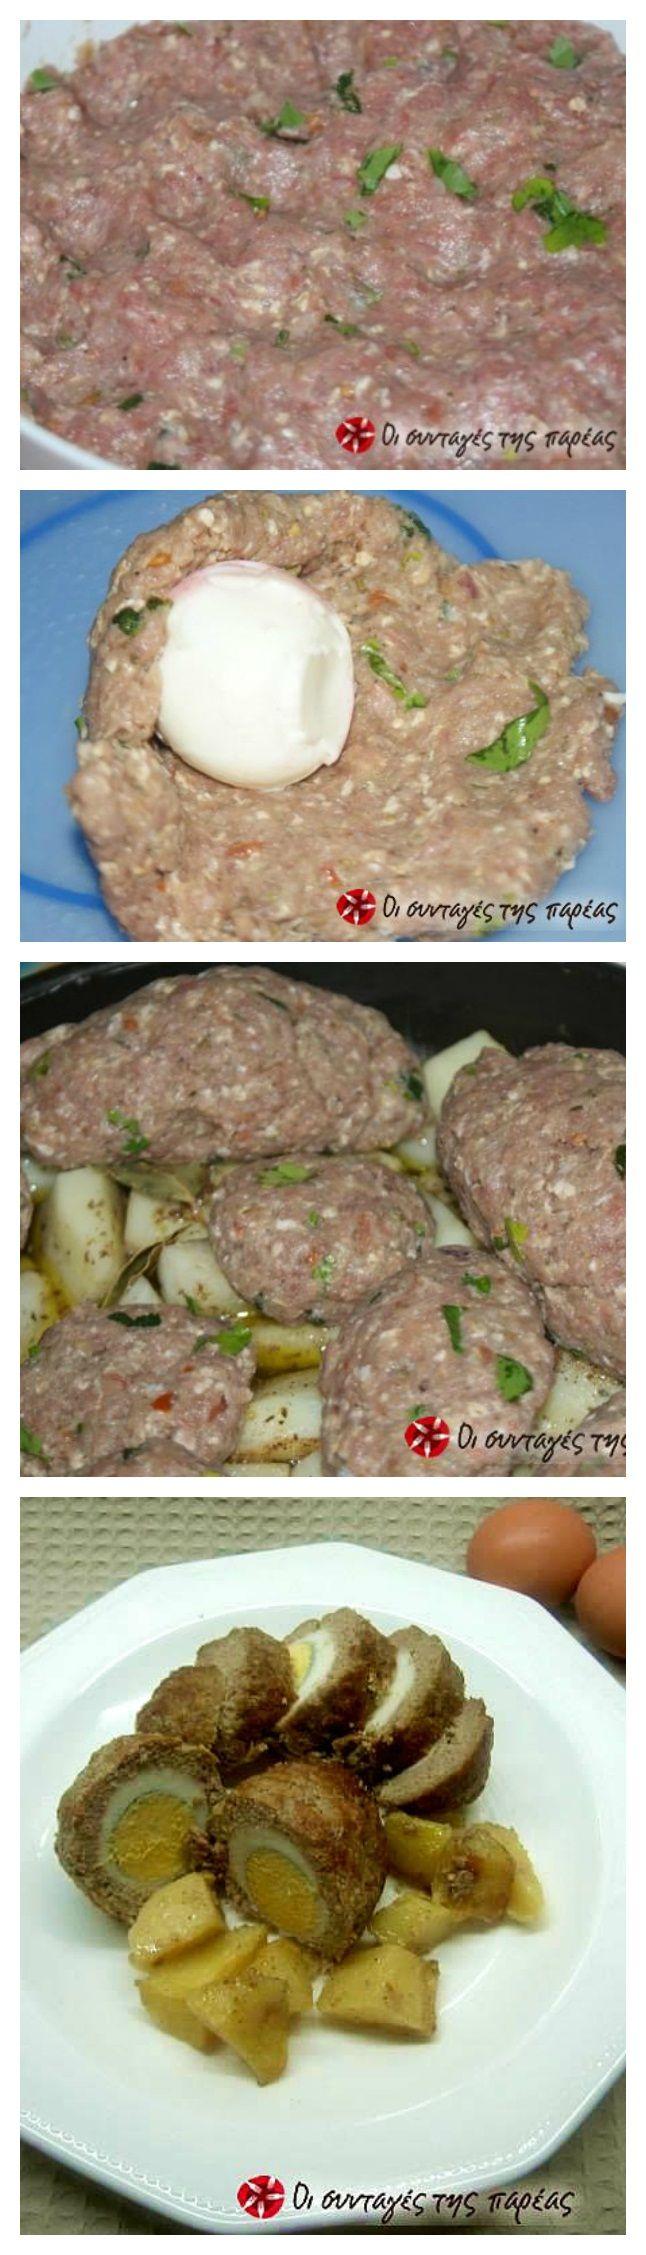 Ατομικά ρολάκια με πατάτες στο φούρνο #sintagespareas #rolakiamepatates